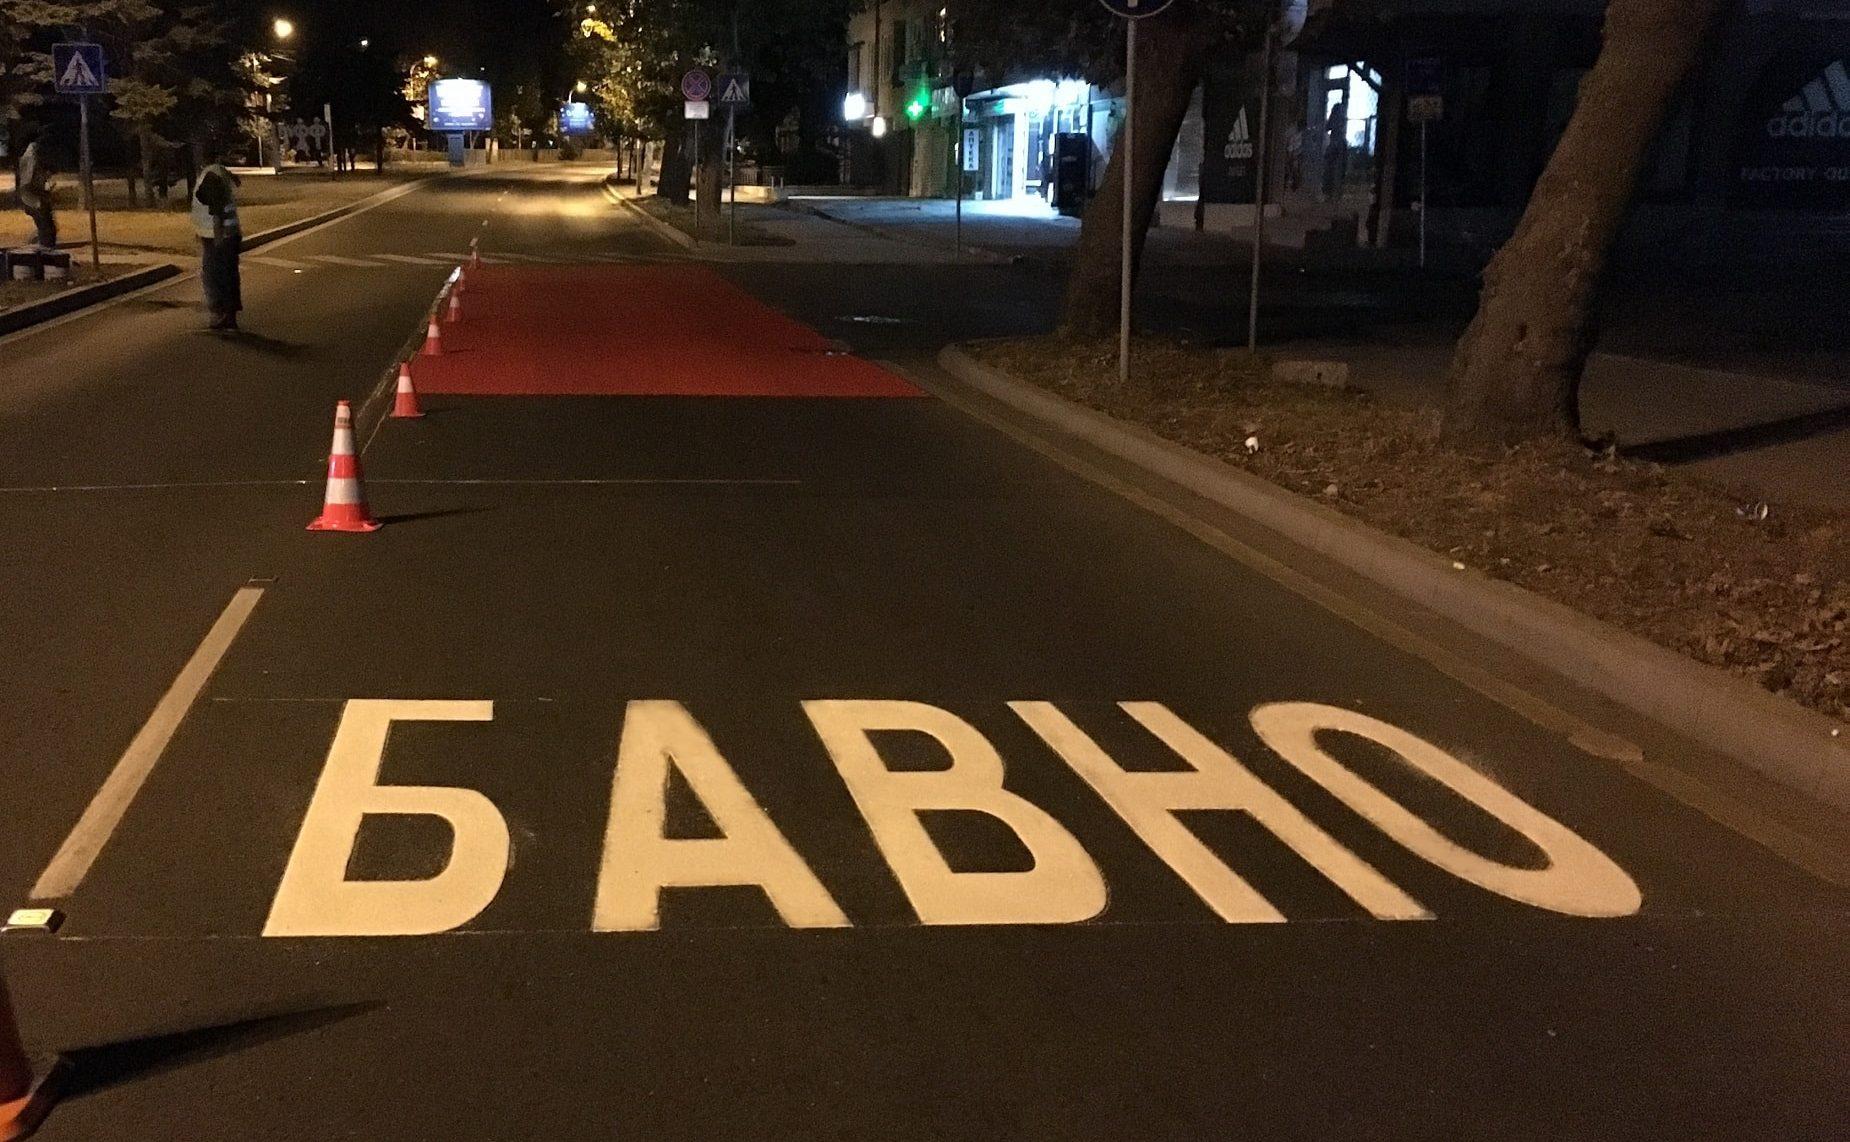 Пътни знаци думи и символи от термопластик надпис БАВНО върху асфалт